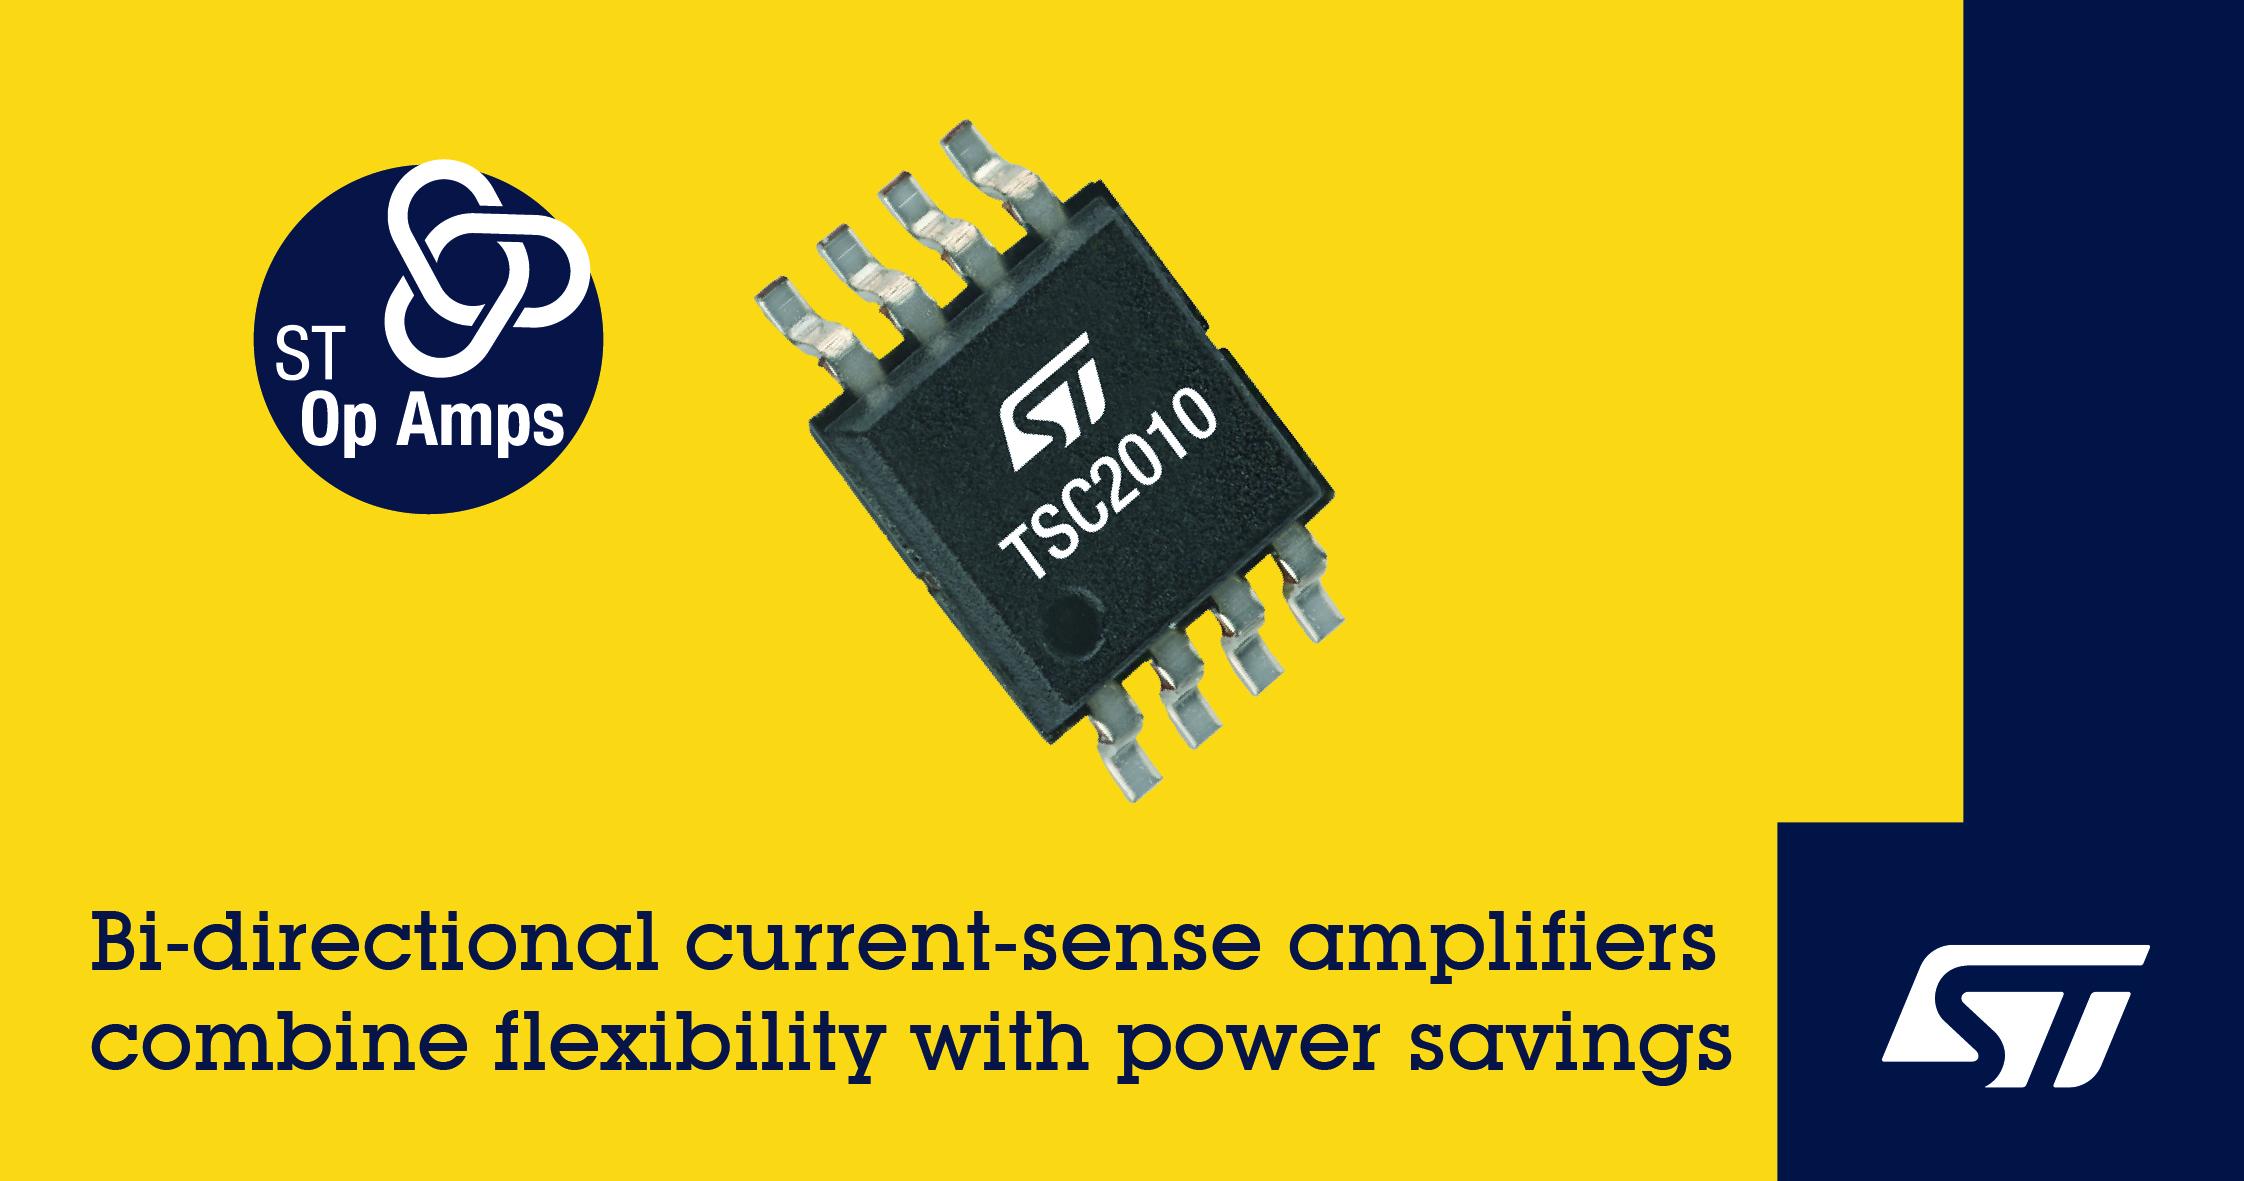 意法半导体推出精密高压双向电流检测放大器  提高稳健性和能效